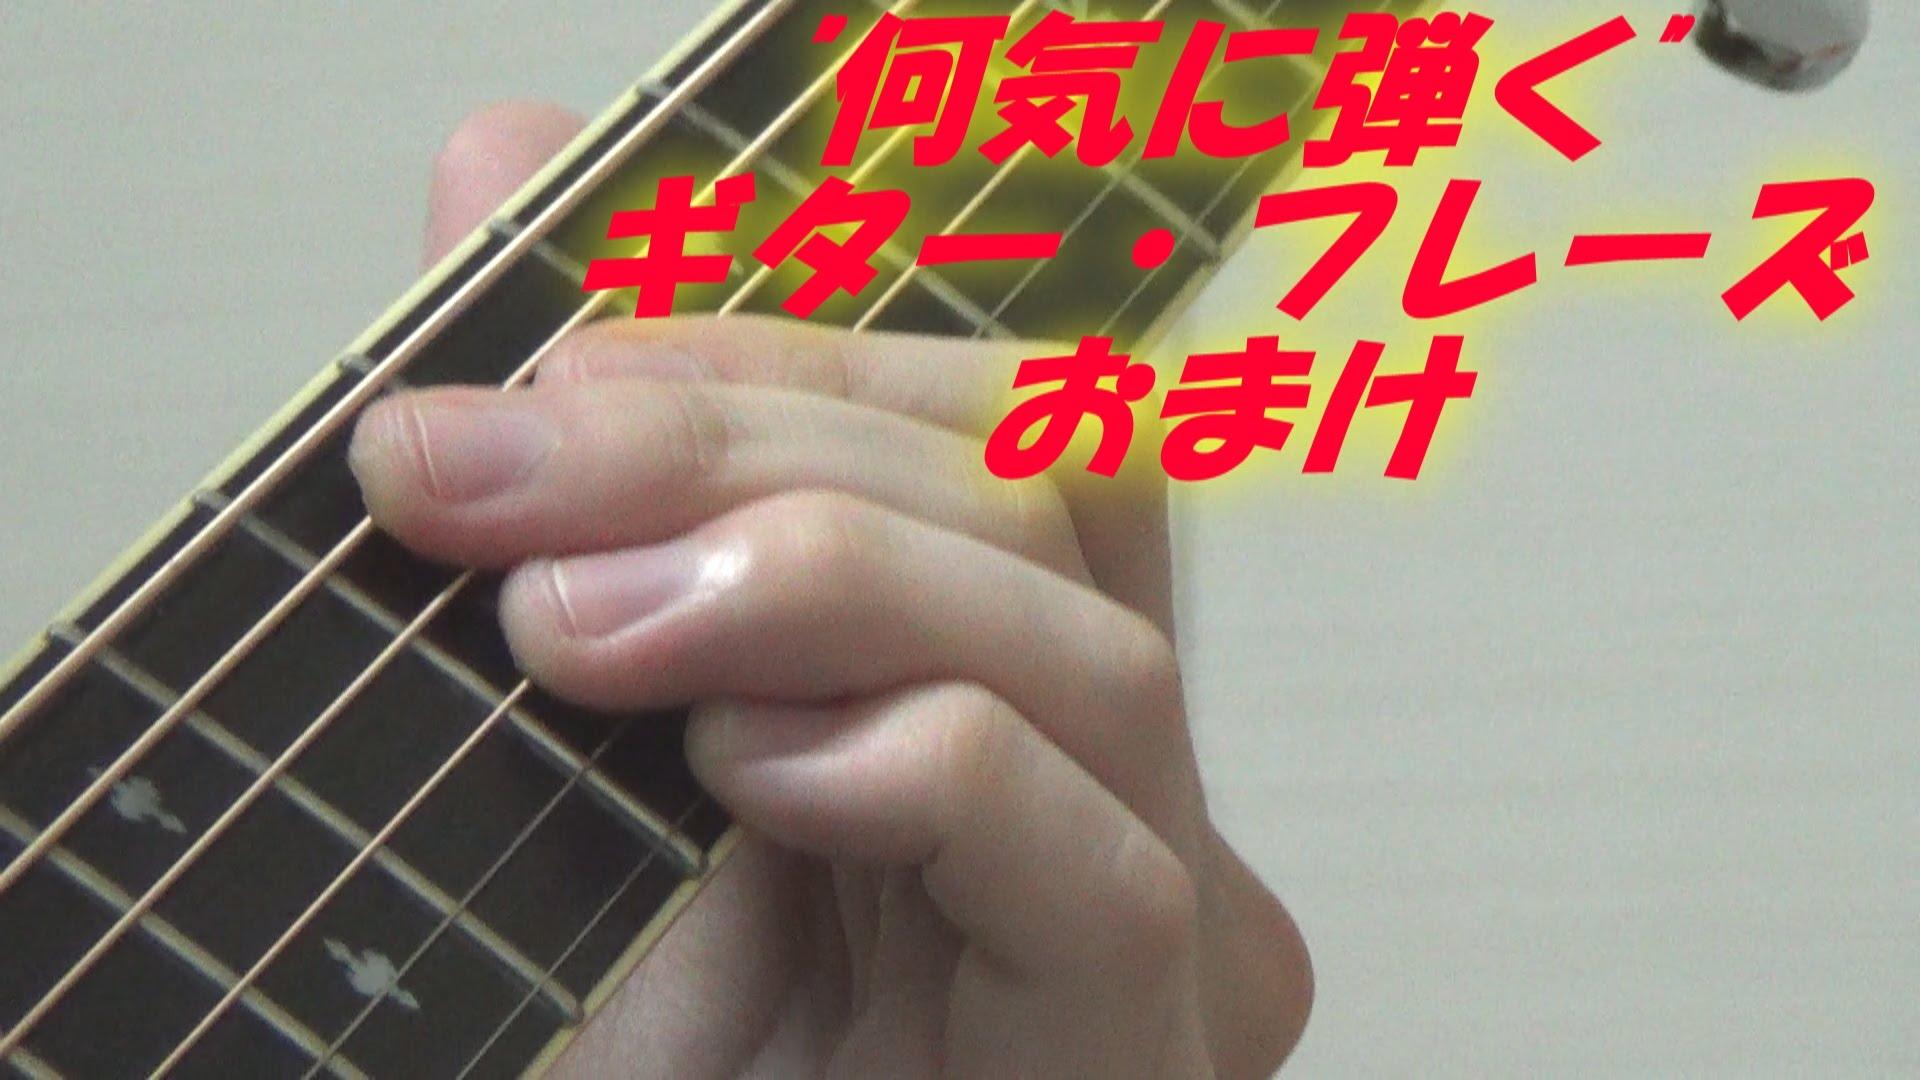 ギターの「何気に弾く」カッコいい!!フレーズ (カッティング,番外編)